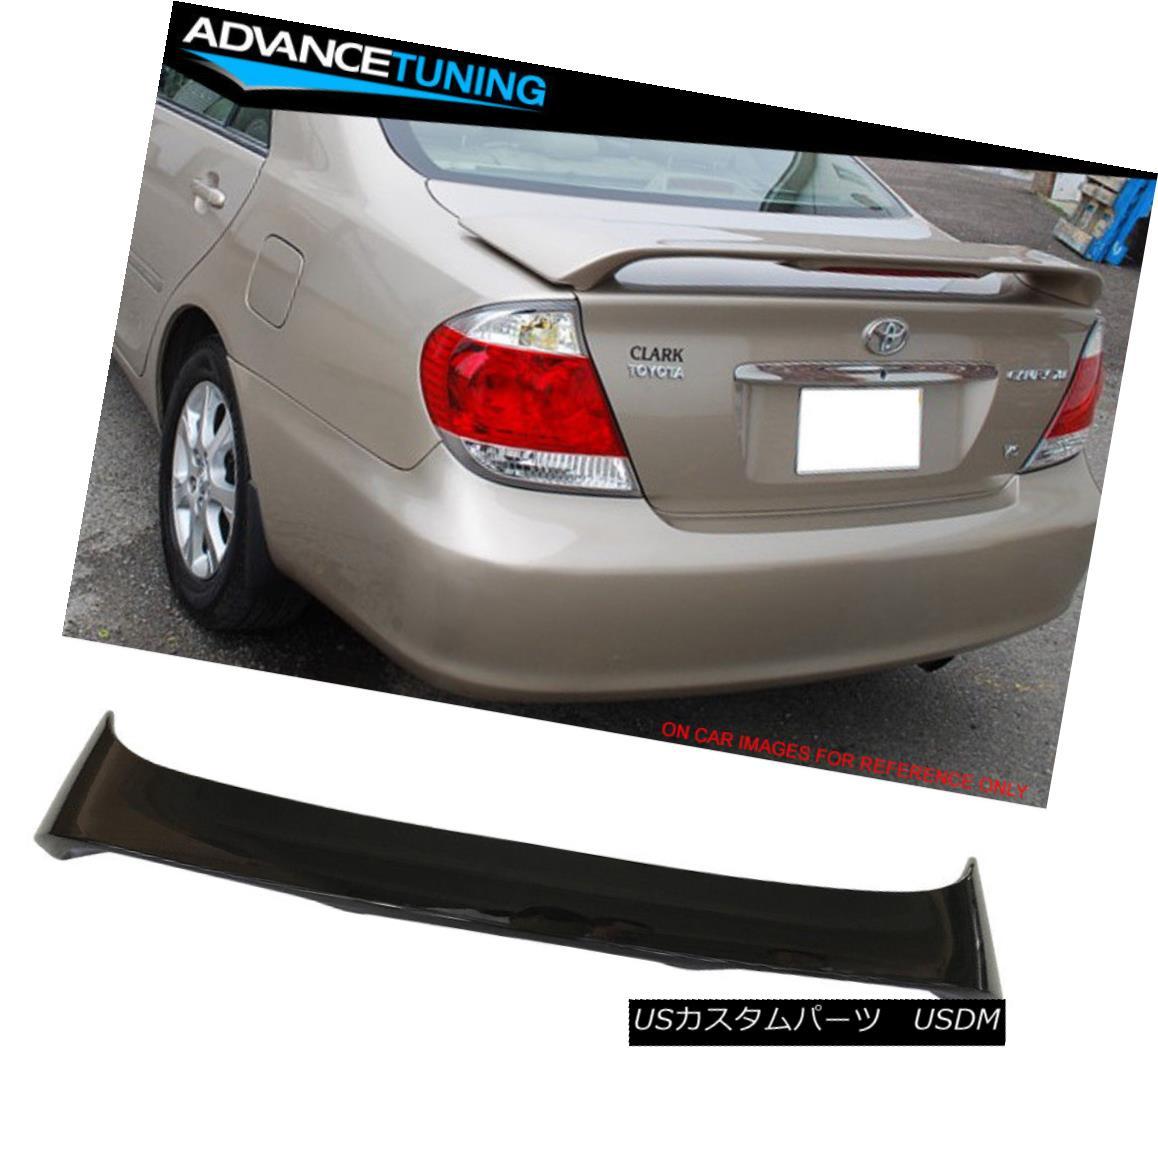 エアロパーツ Fits 02-06 Toyota Camry OE Style Trunk Spoiler Painted #202 Black フィット02-06トヨタカムリOEスタイルのトランク・スポイラー#202黒